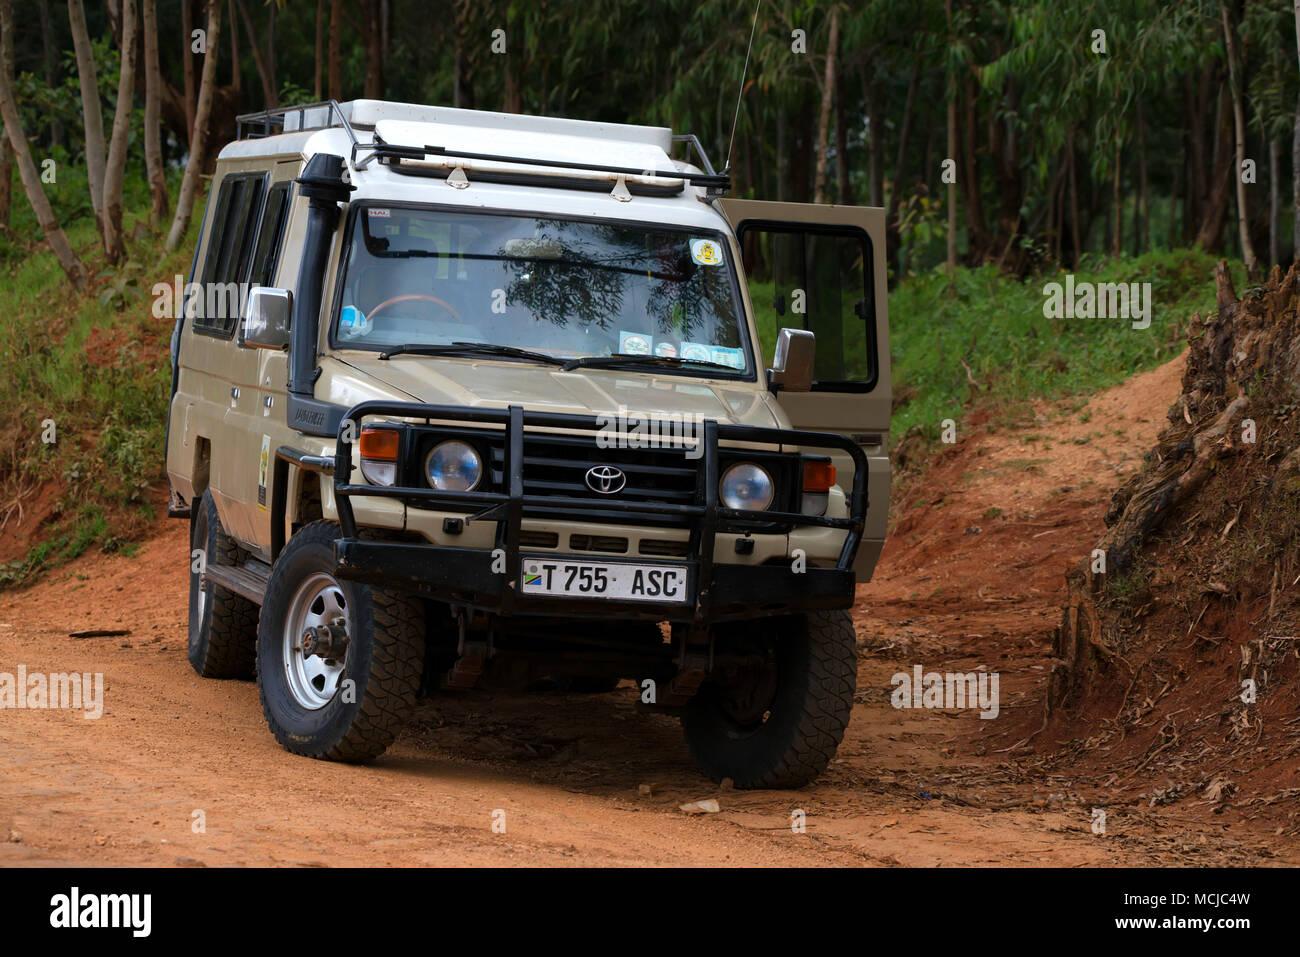 MOROGORO, TANZANIA - JANUARY 3, 2015: Safari jeep on road in Tanzania - Stock Image